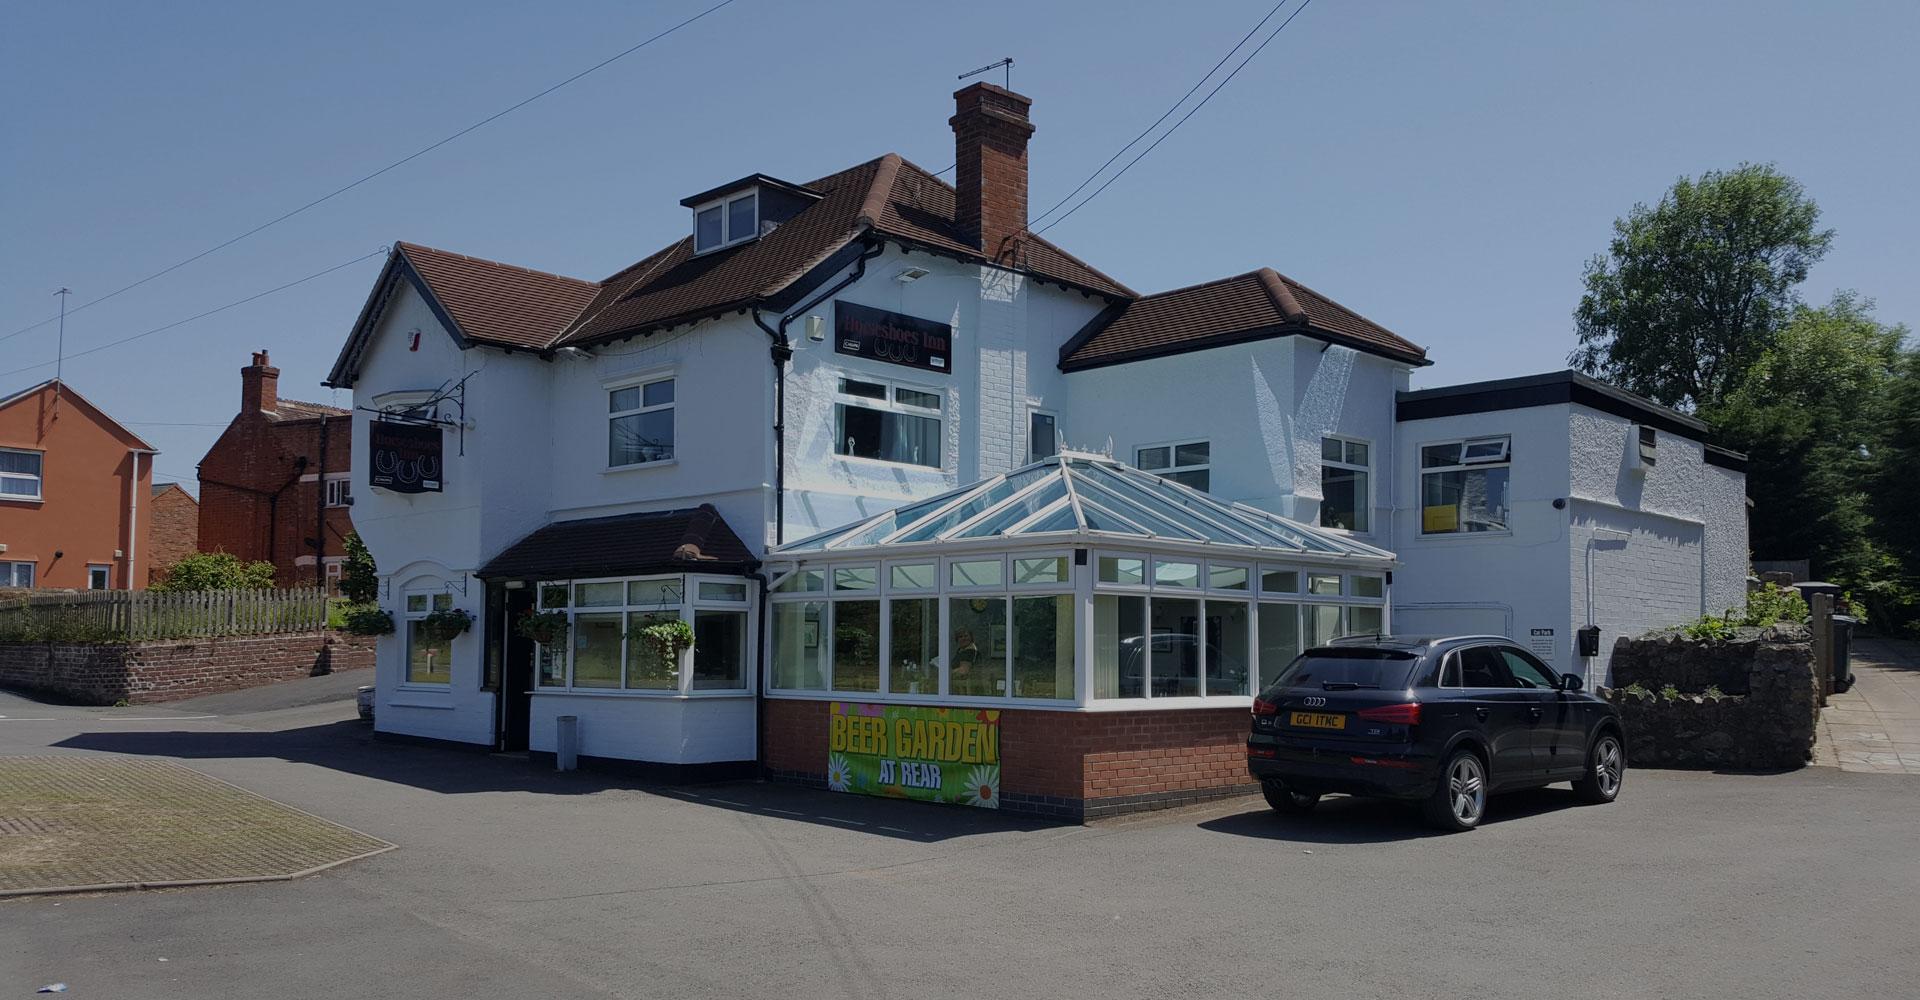 Welcome to the Horseshoe Inn Pontesbury